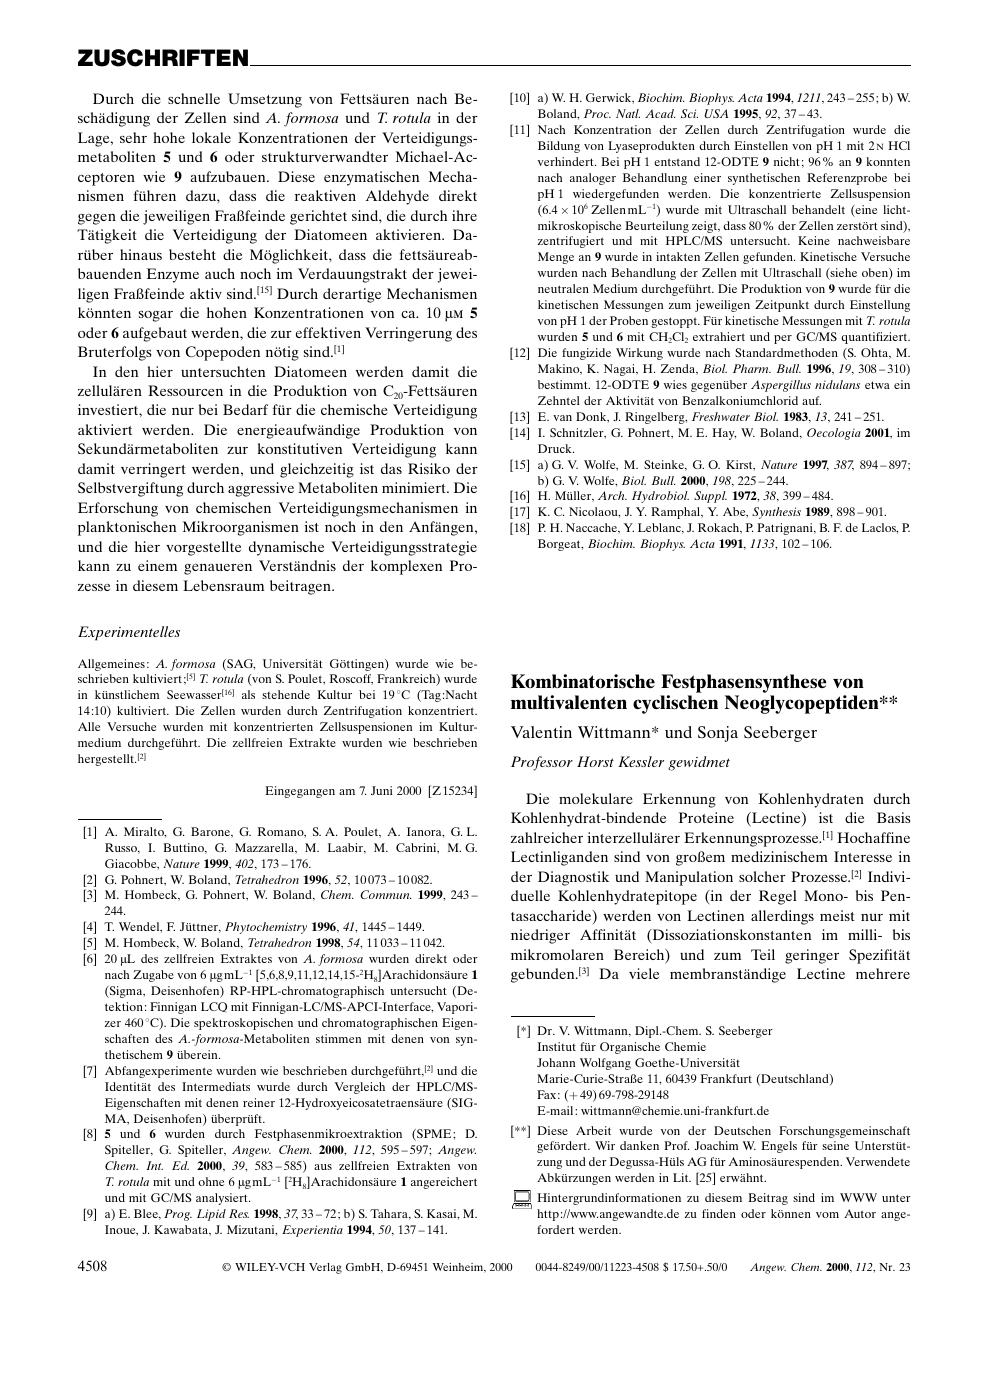 Kombinatorische Festphasensynthese Von Multivalenten